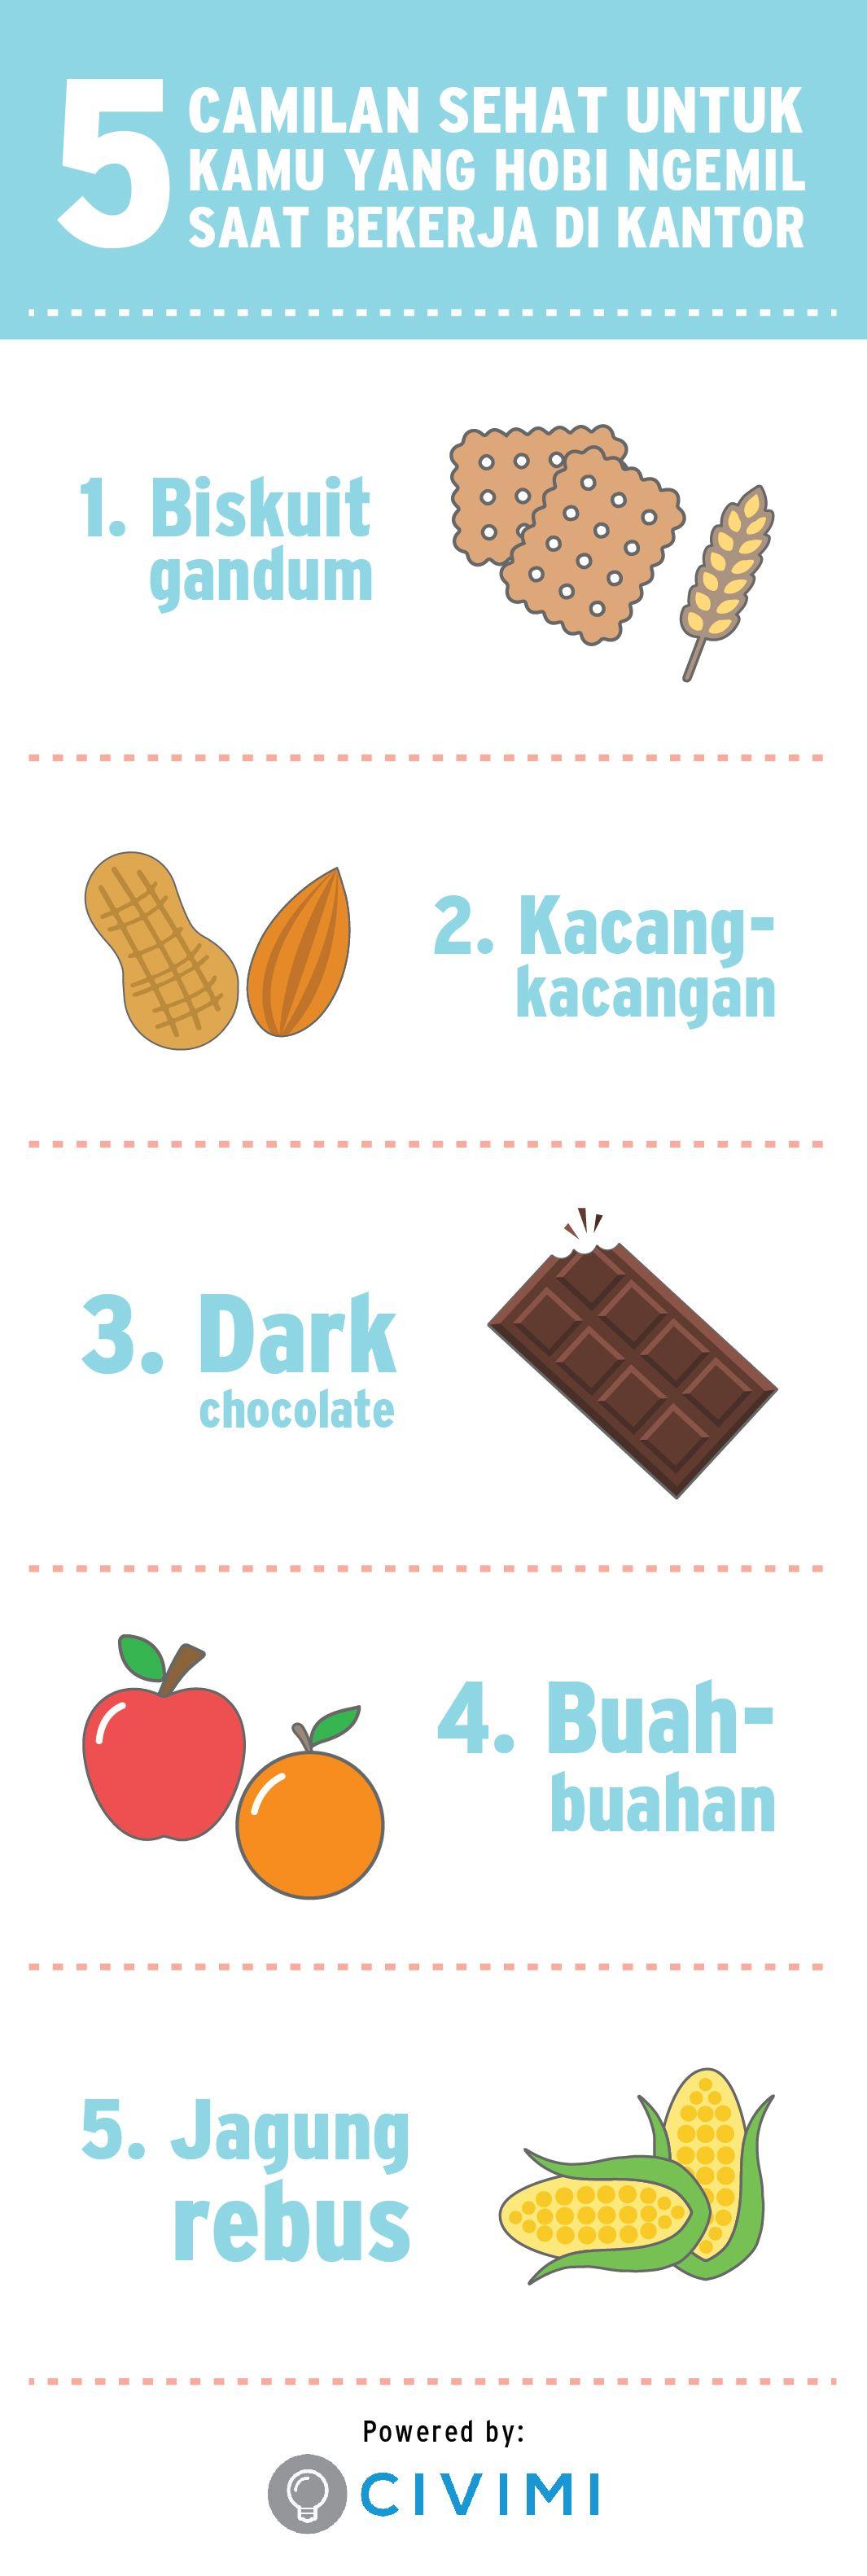 5 Jenis Makanan Yang Tidak Membuat Kamu Gemuk Infographic Motivasi Diet Resep Diet Sehat Perawatan Kesehatan